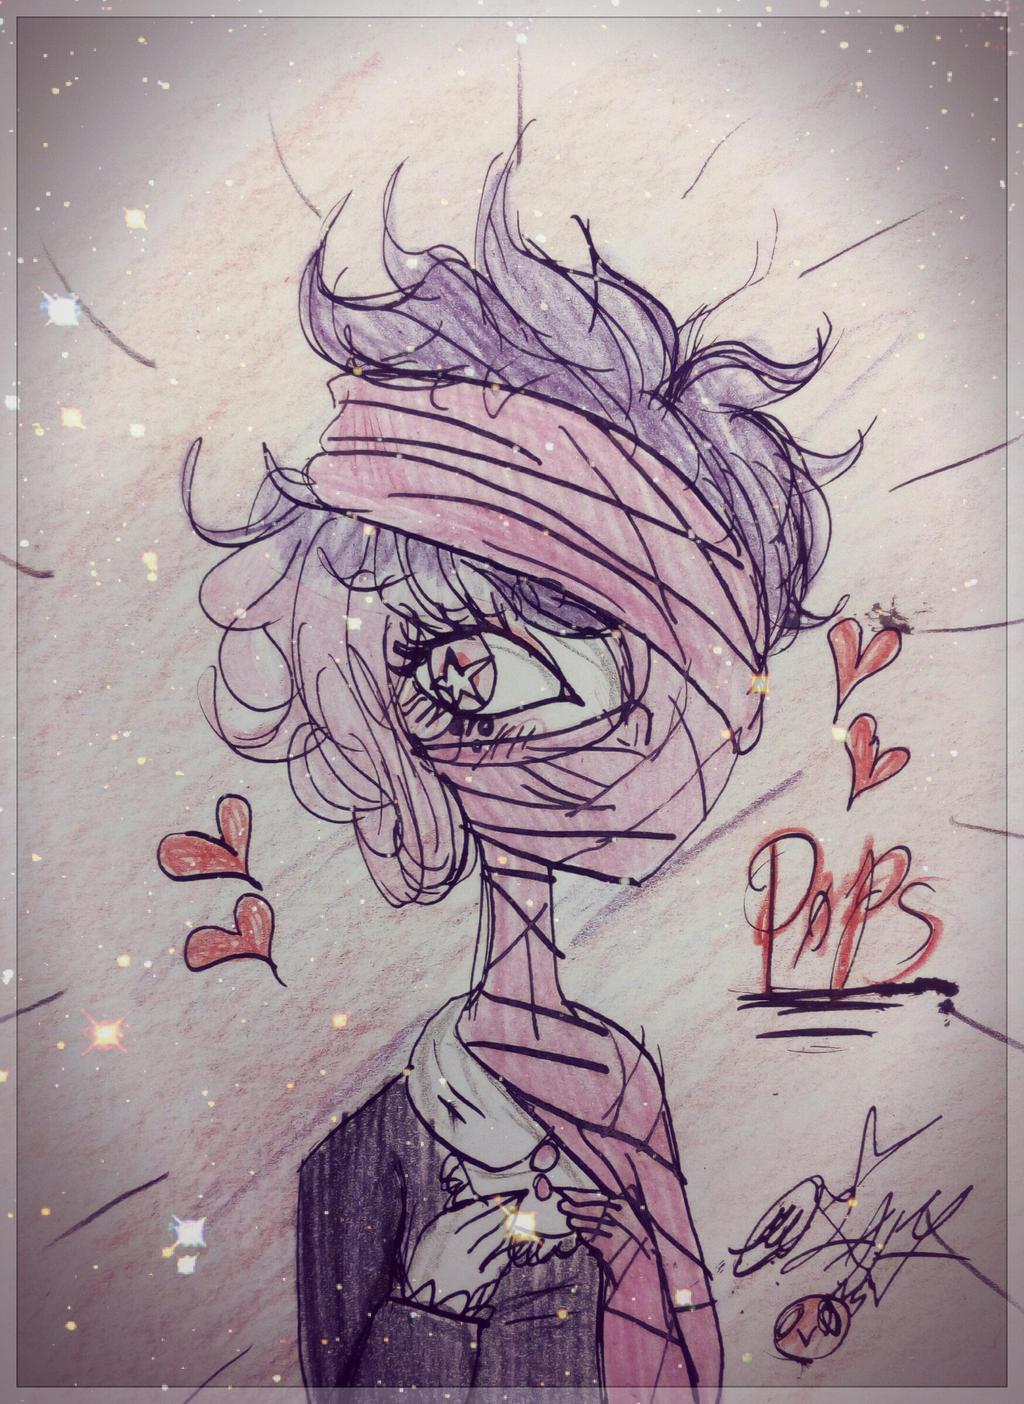 -pops- by MikuBlazeTheKat